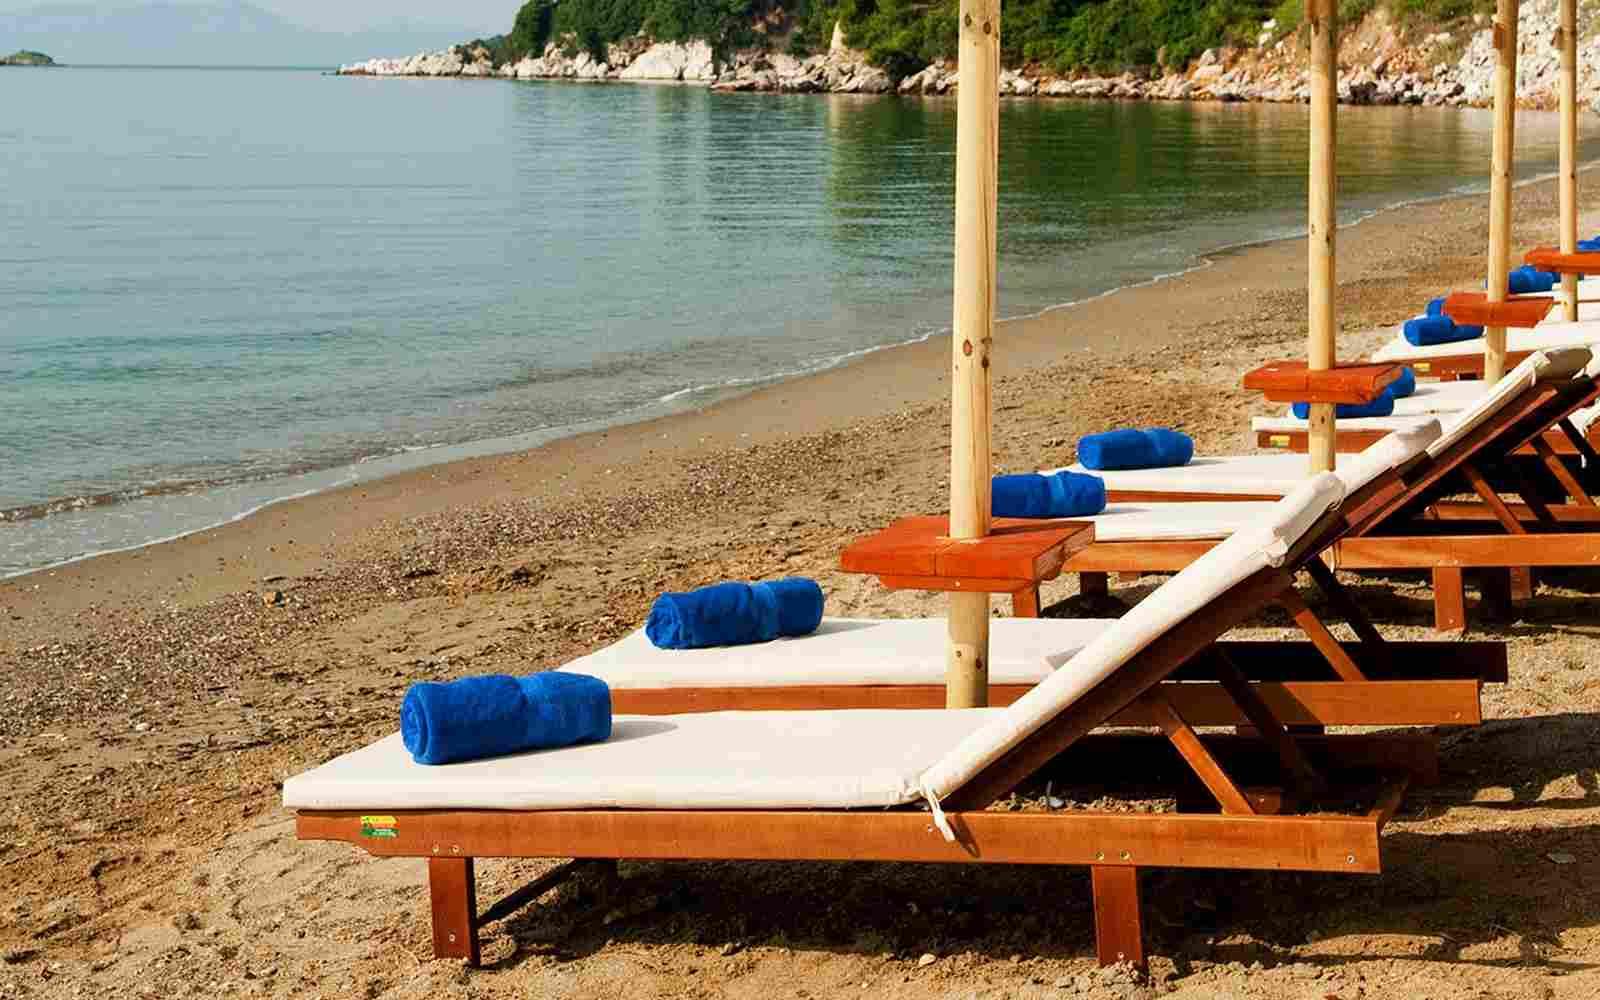 http://bamboogardenhouse.com/wp-content/uploads/2016/03/summer-beach-02.jpg